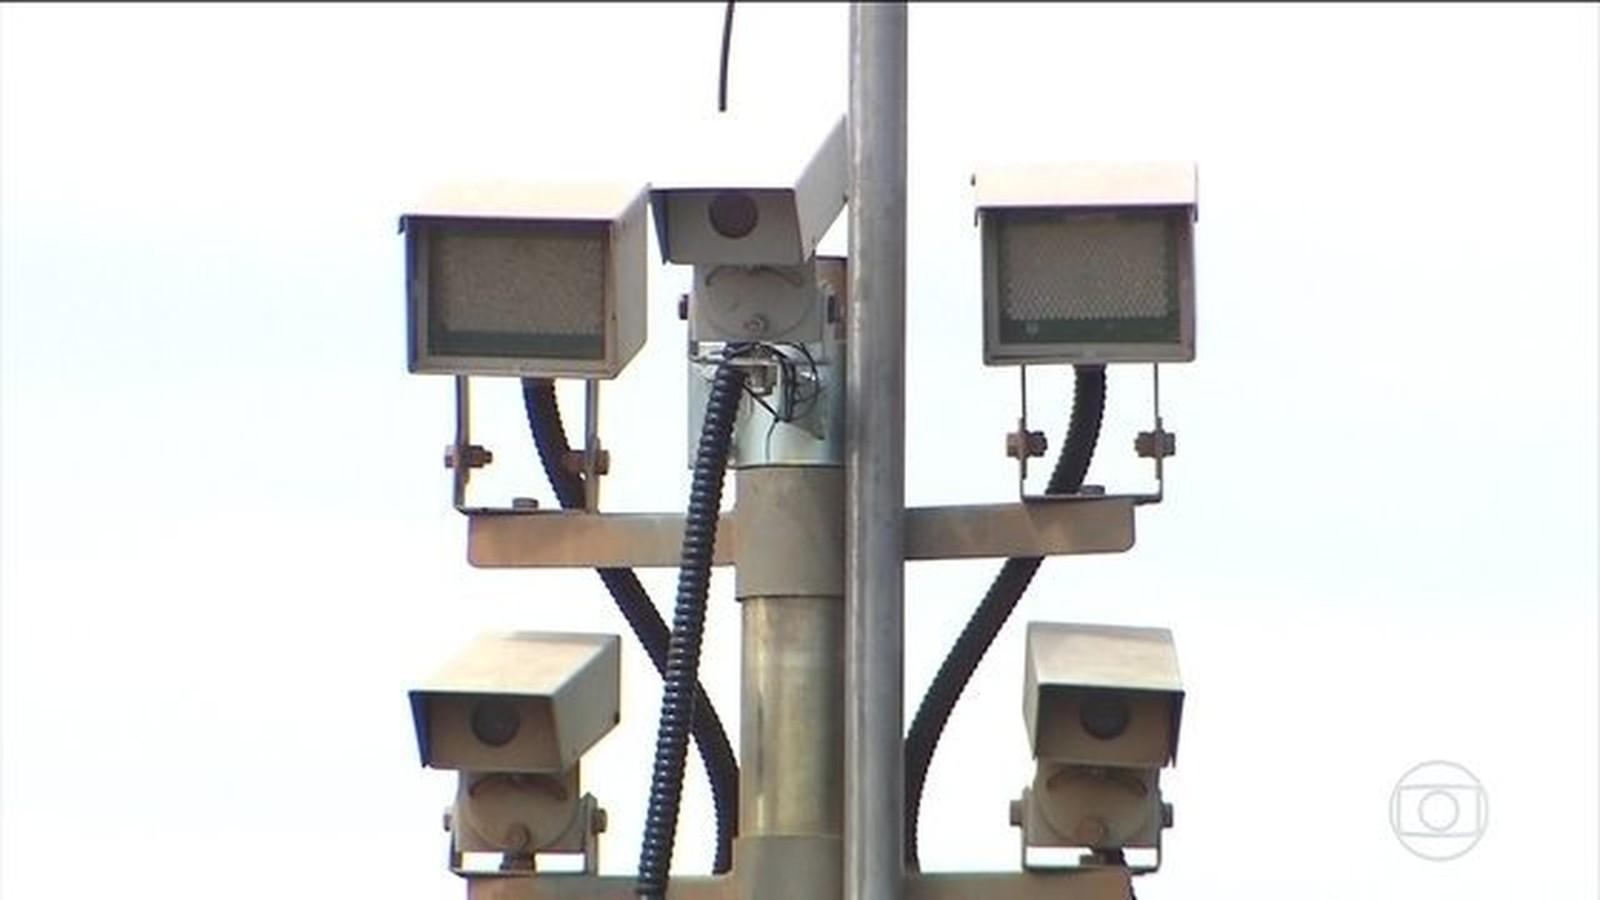 Justiça contraria governo e homologa acordo para instalação de 1.140 radares em rodovias federais